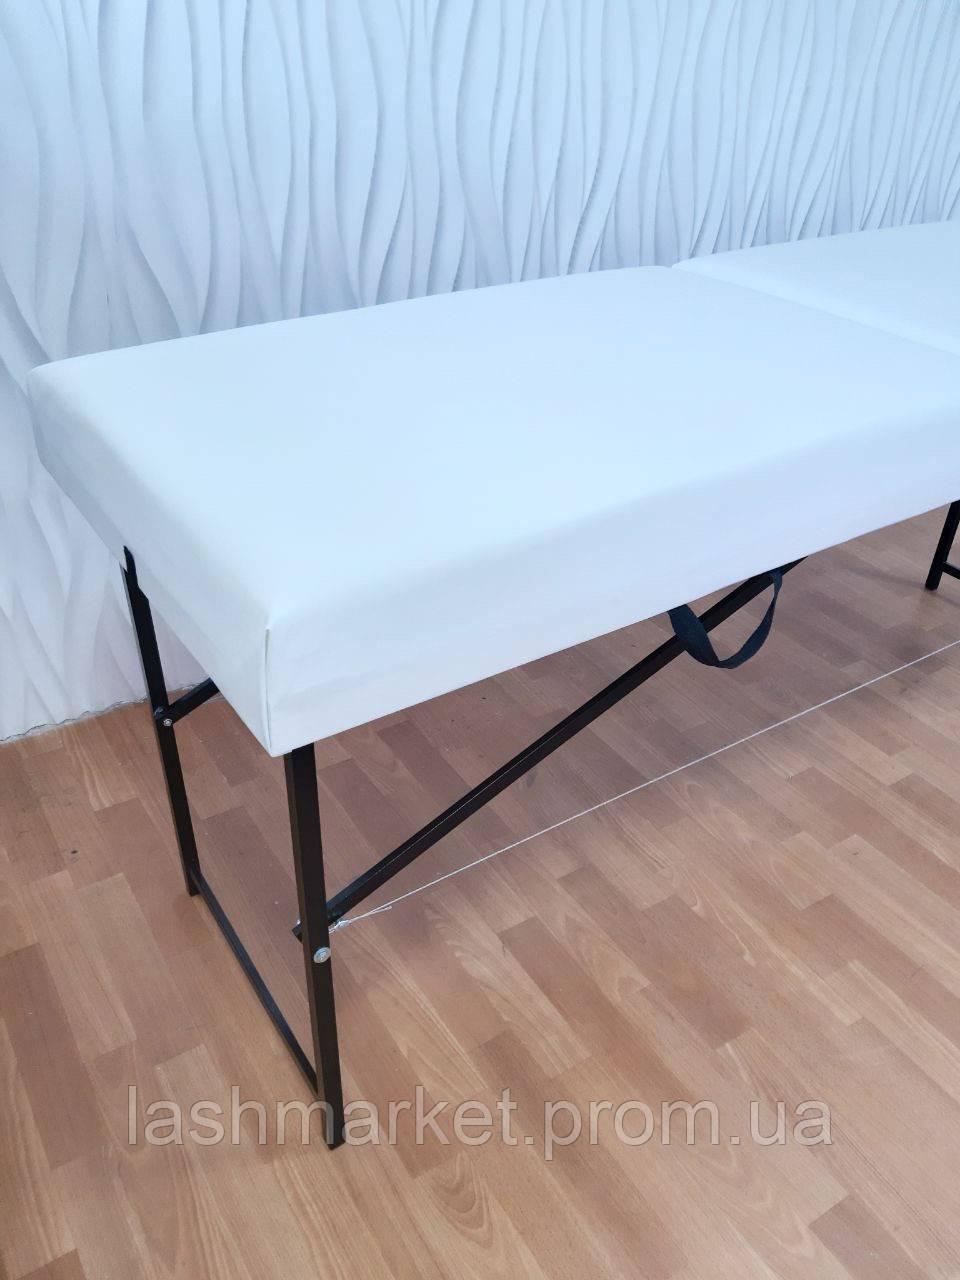 Облегчённый XXL. Косметологическая кушетка для наращивания ресниц(очень мягкая)